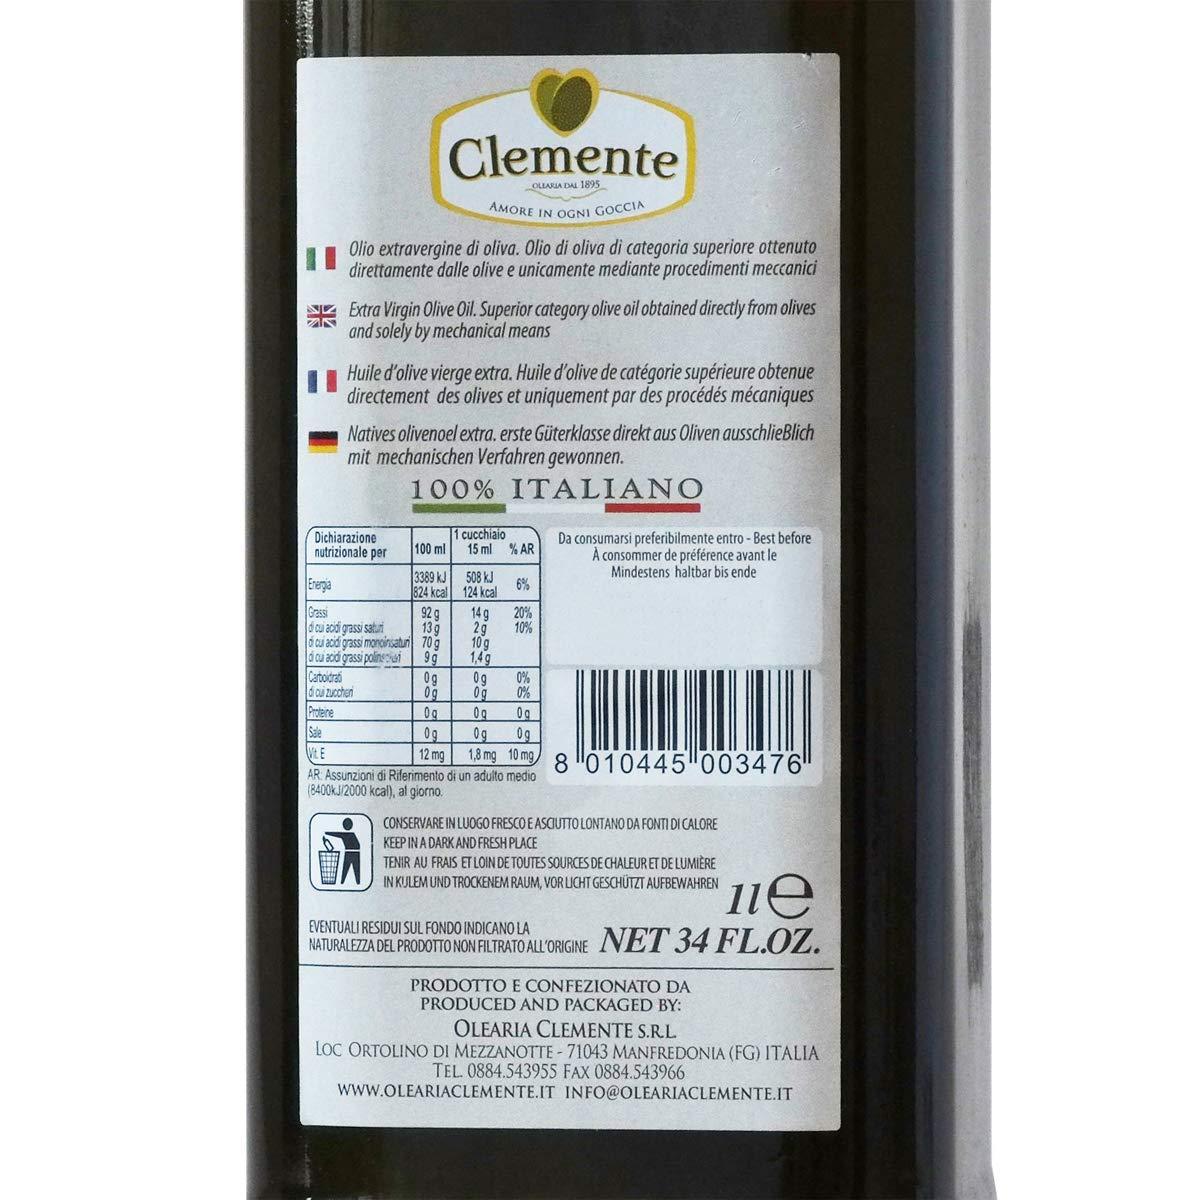 Aceite Clemente - 1 Botella de Aceite de Oliva Virgen Extra, 100% Italiano, Tradizione di Famiglia, 1 litro: Amazon.es: Alimentación y bebidas